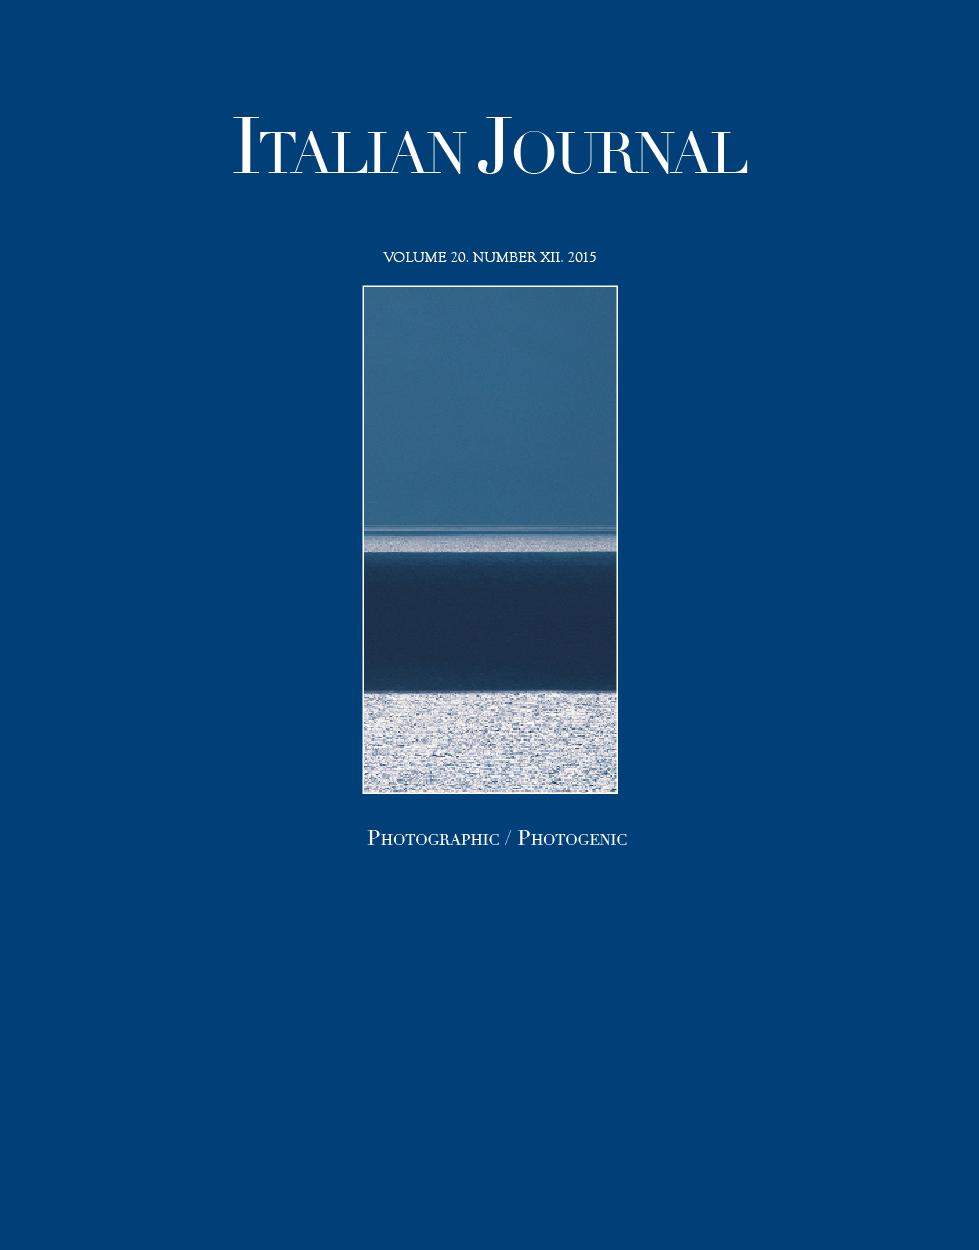 ItalianJournal12-cover